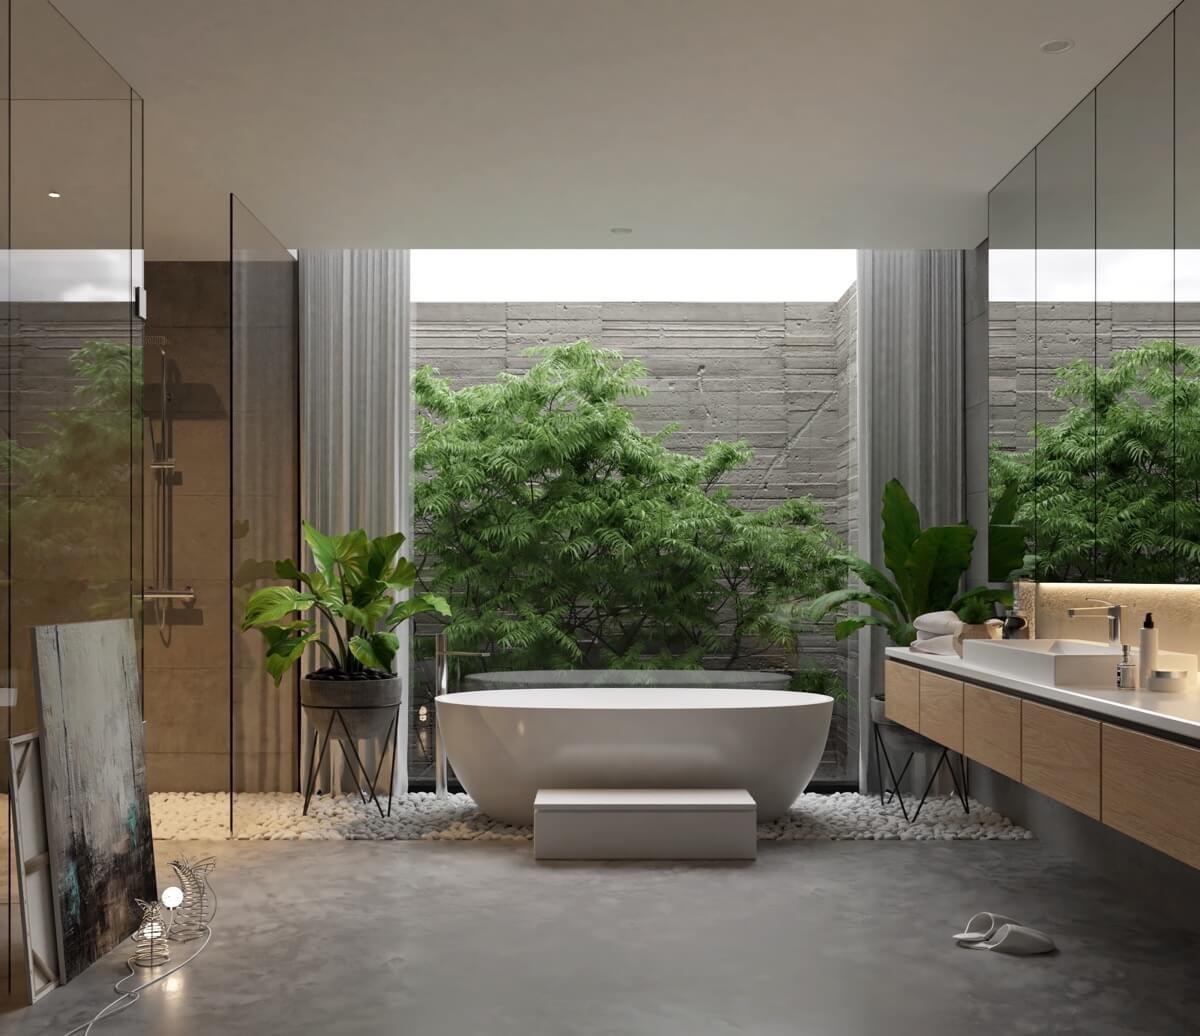 Thiết kế phòng tắm sang trọng hiện đại